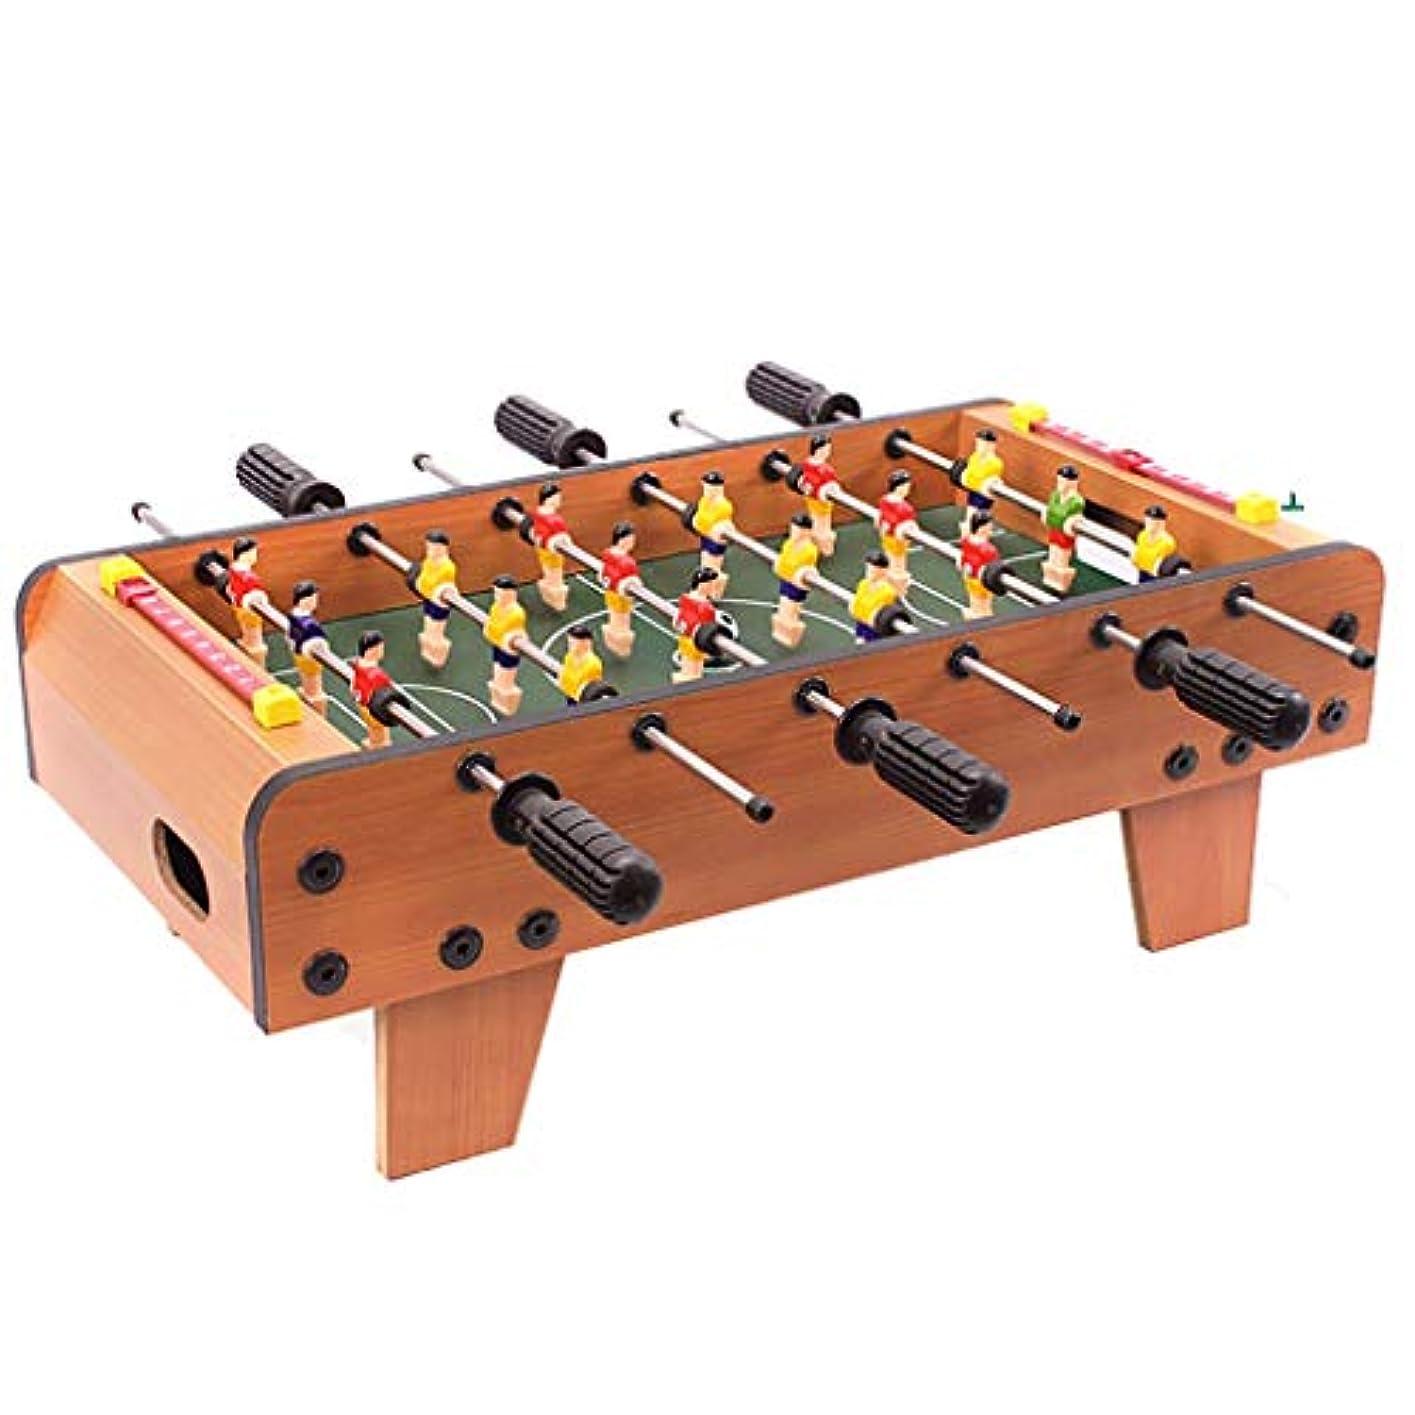 隔離するメルボルン税金テーブルサッカープールテーブルゲームテーブル子供のおもちゃ健康的なおもちゃパズルゲームおもちゃ4歳以上ビリヤードゲームギフト用子供 (Color : WOOD COLOR, Size : 69*37*24CM)